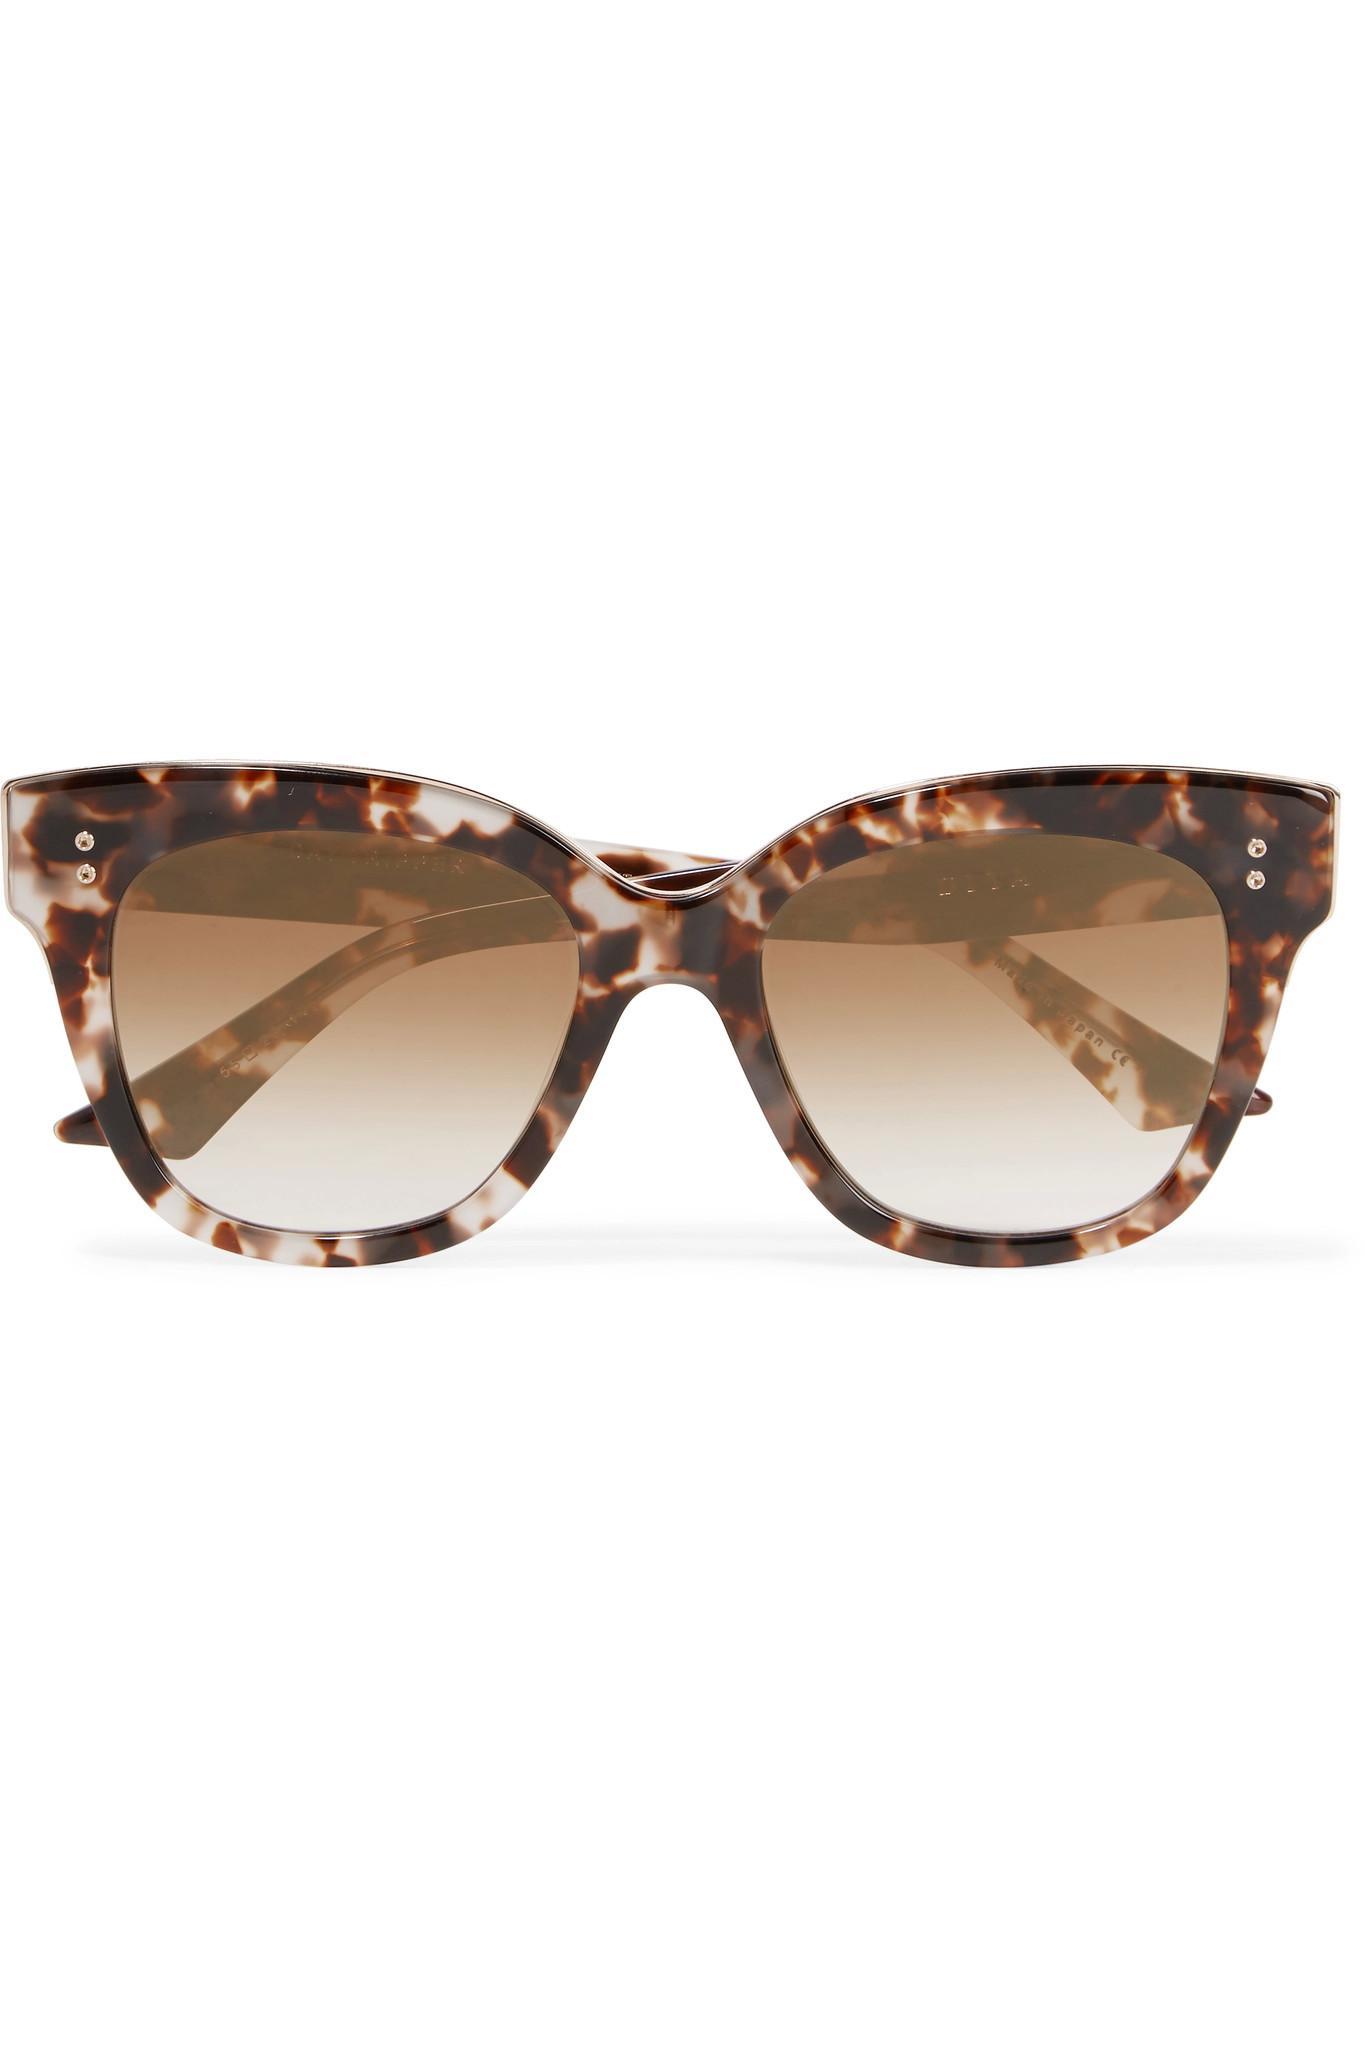 1201177a34b Lyst - DITA Daytripper Square-frame Acetate Sunglasses in Brown